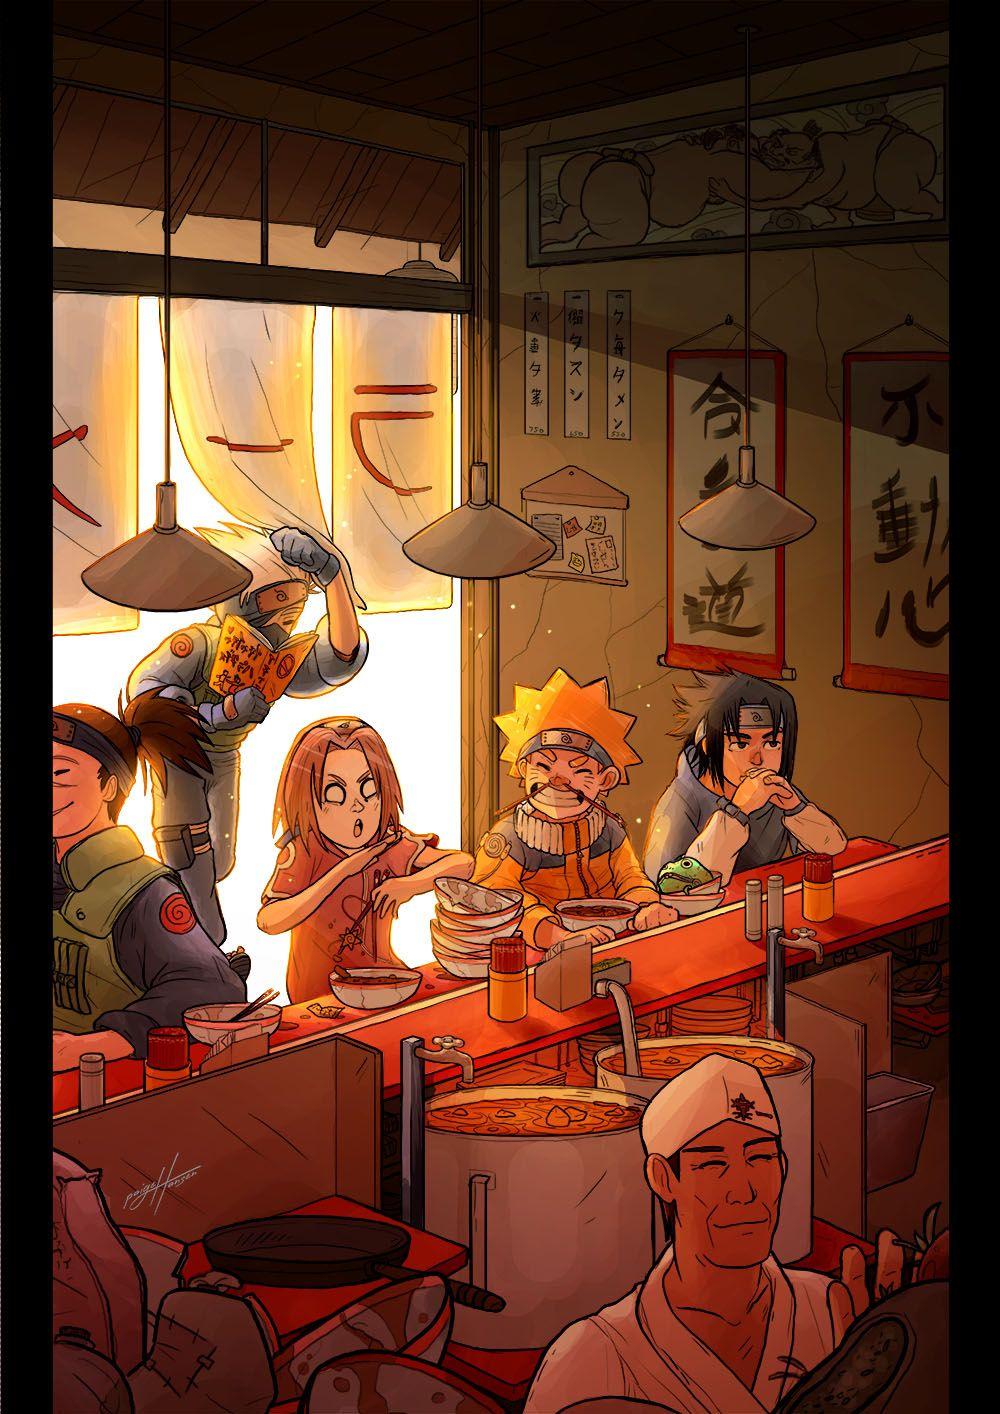 Team 7 at Ramen Ichiraku by paigeillustration Wallpaper